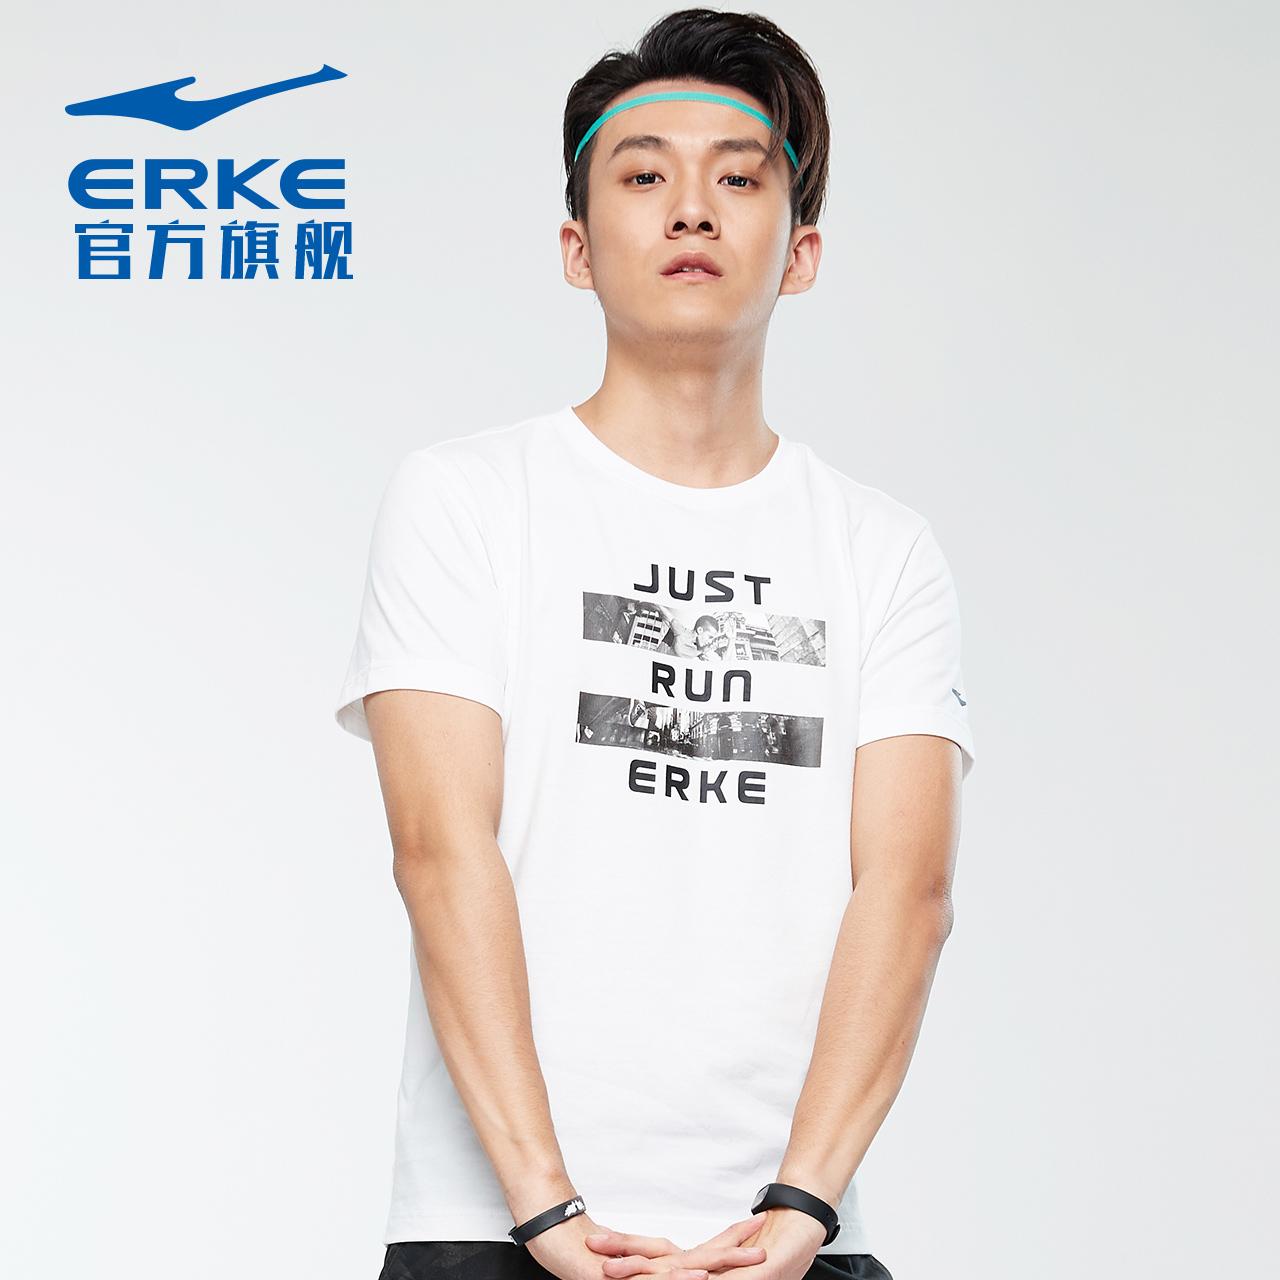 erke鸿星尔克男子跑步短袖背心透气常规打底圆领上衣纯棉运动T恤